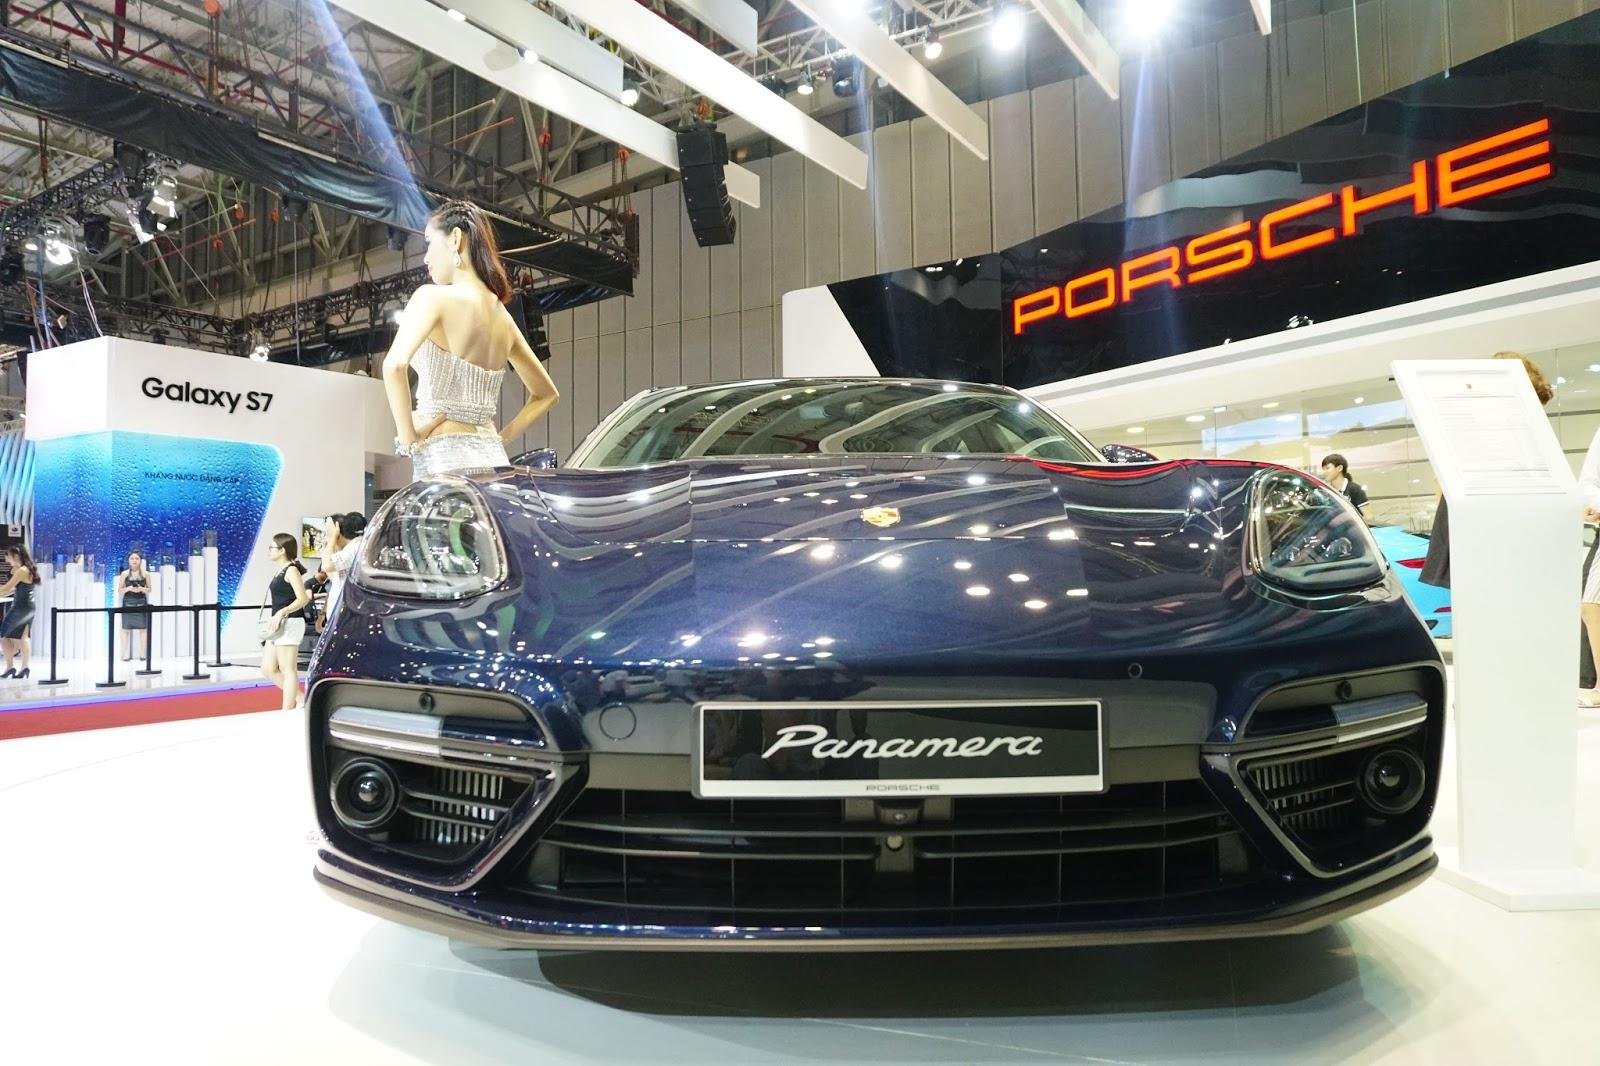 Đầu Panamera mới đậm chất Porsche, sắc sảo, và có nét nguy hiểm